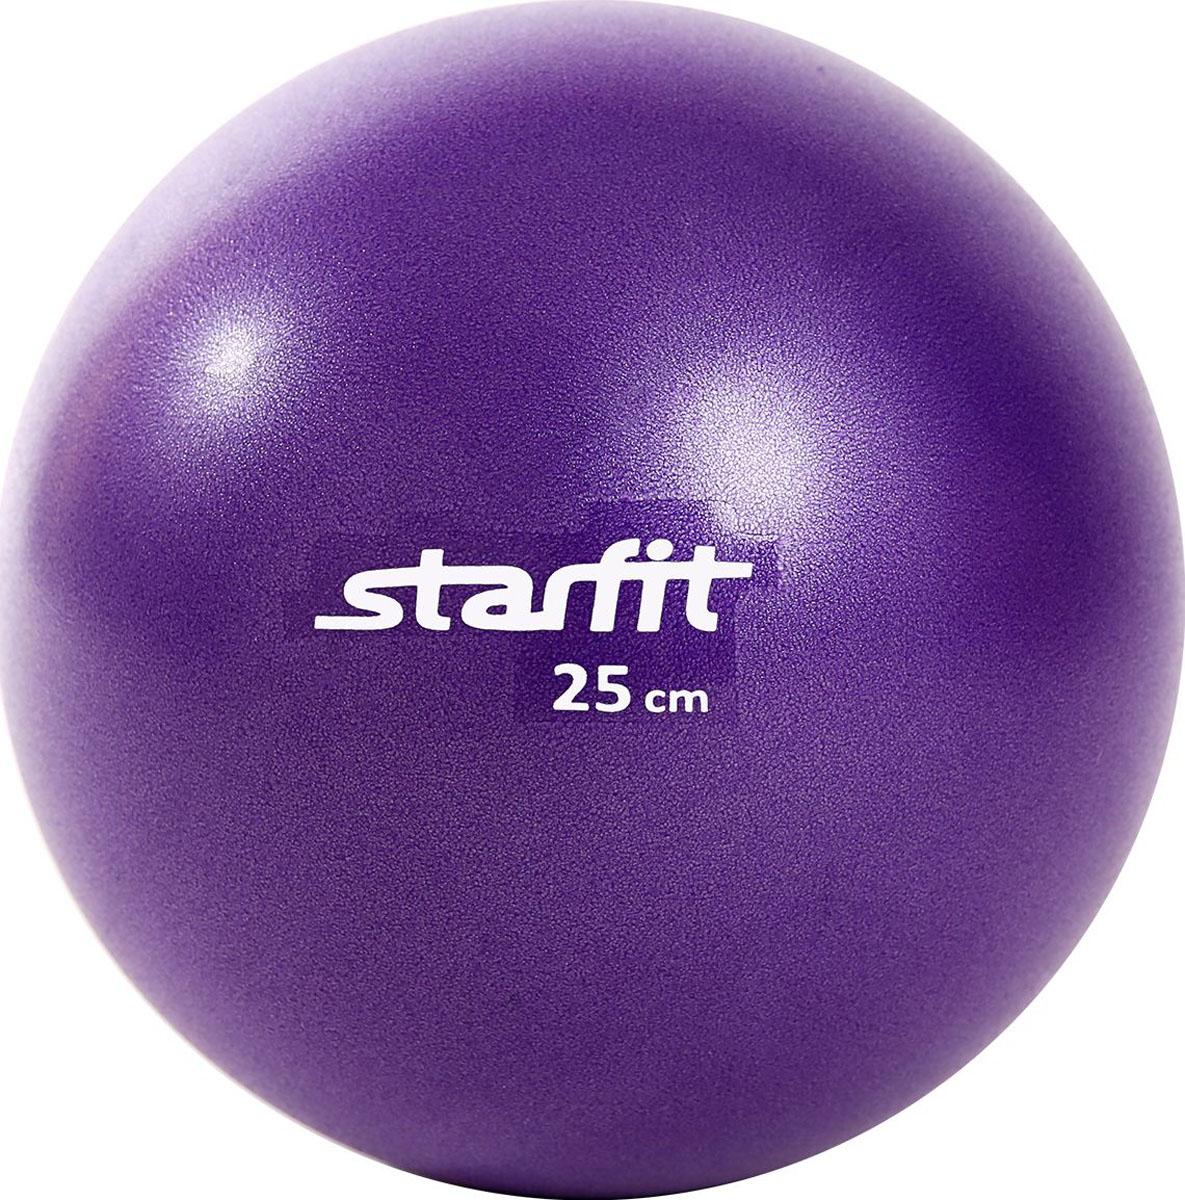 Мяч гимнастический Starfit, цвет: фиолетовый, диаметр 25 смУТ-00009008Гимнастический мяч Star Fit является универсальным тренажером для всех групп мышц, помогает развить гибкость, исправить осанку, снимает чувство усталости в спине. Предназначен для гимнастических и медицинских целей в лечебных упражнениях. Прекрасно подходит для использования в домашних условиях. Данный мяч можно использовать для реабилитации после травм и операций, восстановления после перенесенного инсульта, стимуляции и релаксации мышечных тканей, улучшения кровообращения, лечении и профилактики сколиоза, при заболеваниях или повреждениях опорно-двигательного аппарата.